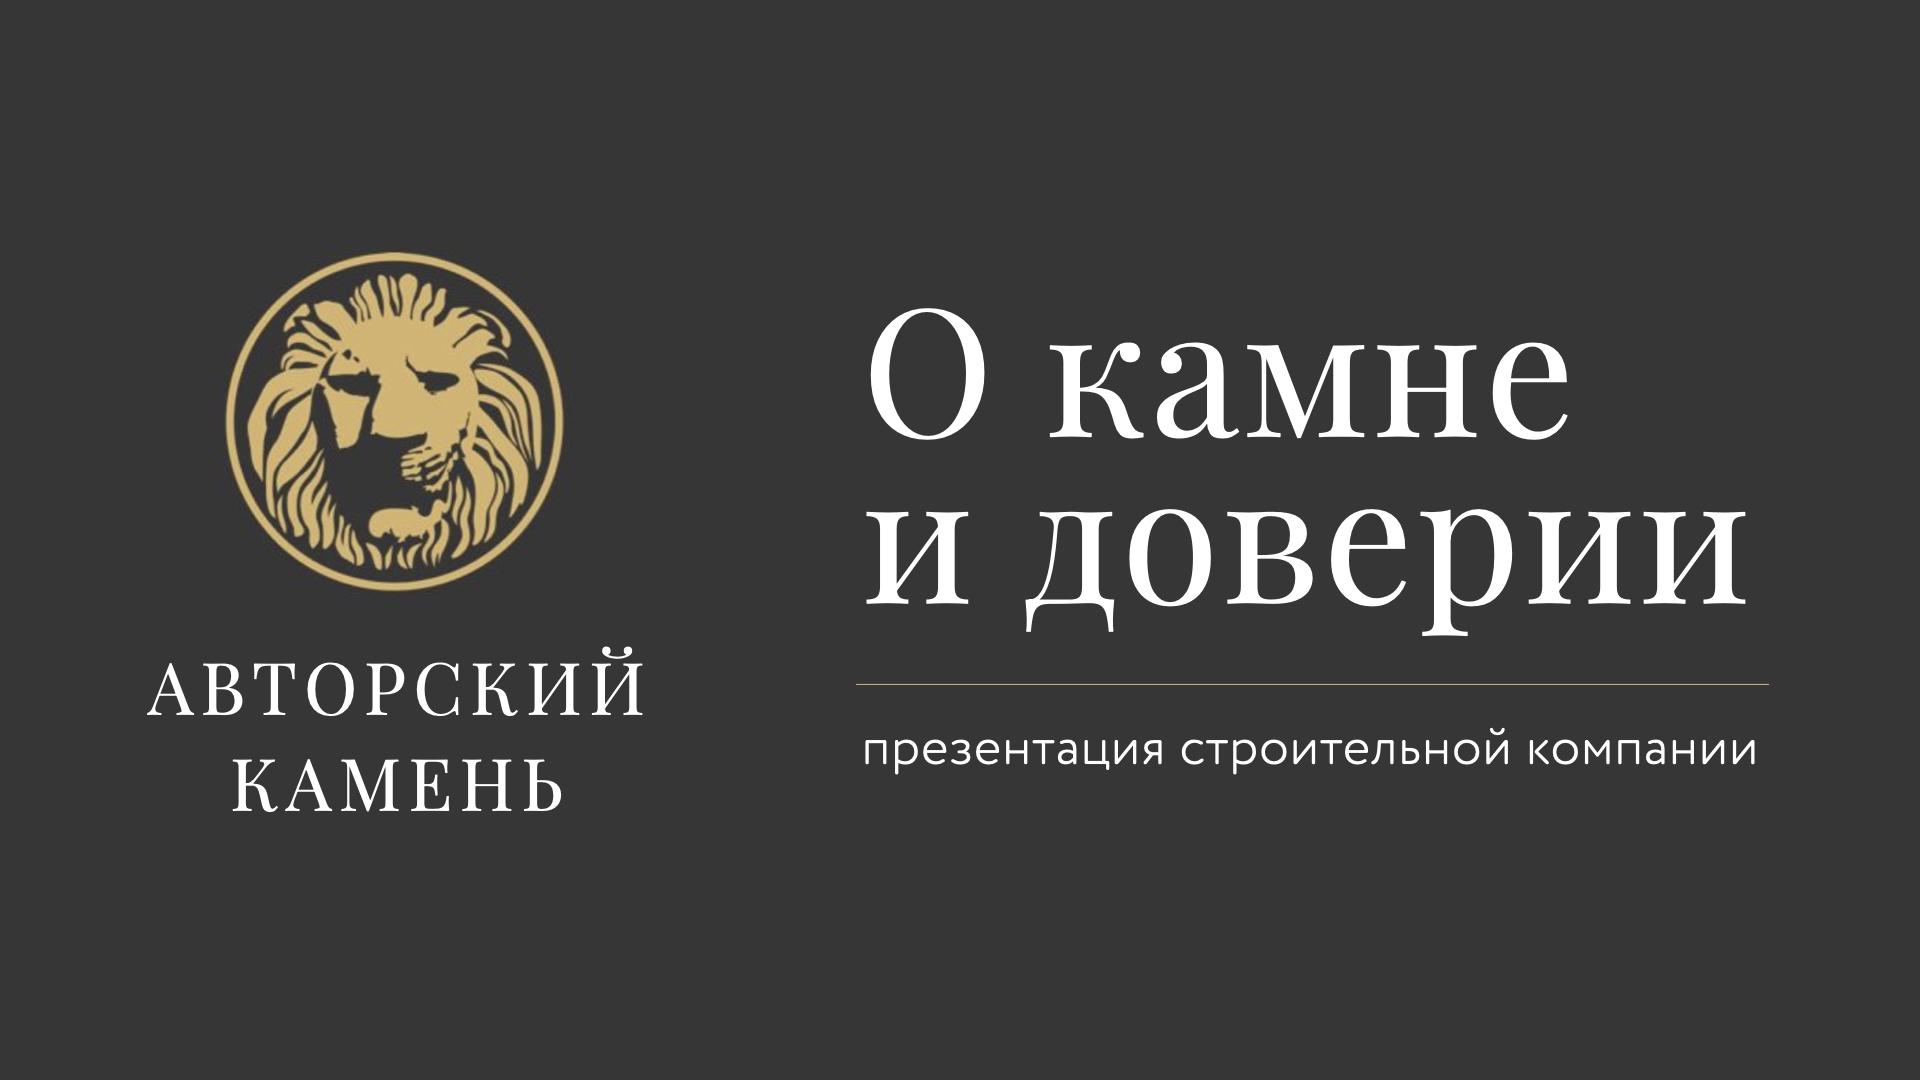 Кейс «Подготовка презентации «о компании» для компании «Авторский камень»